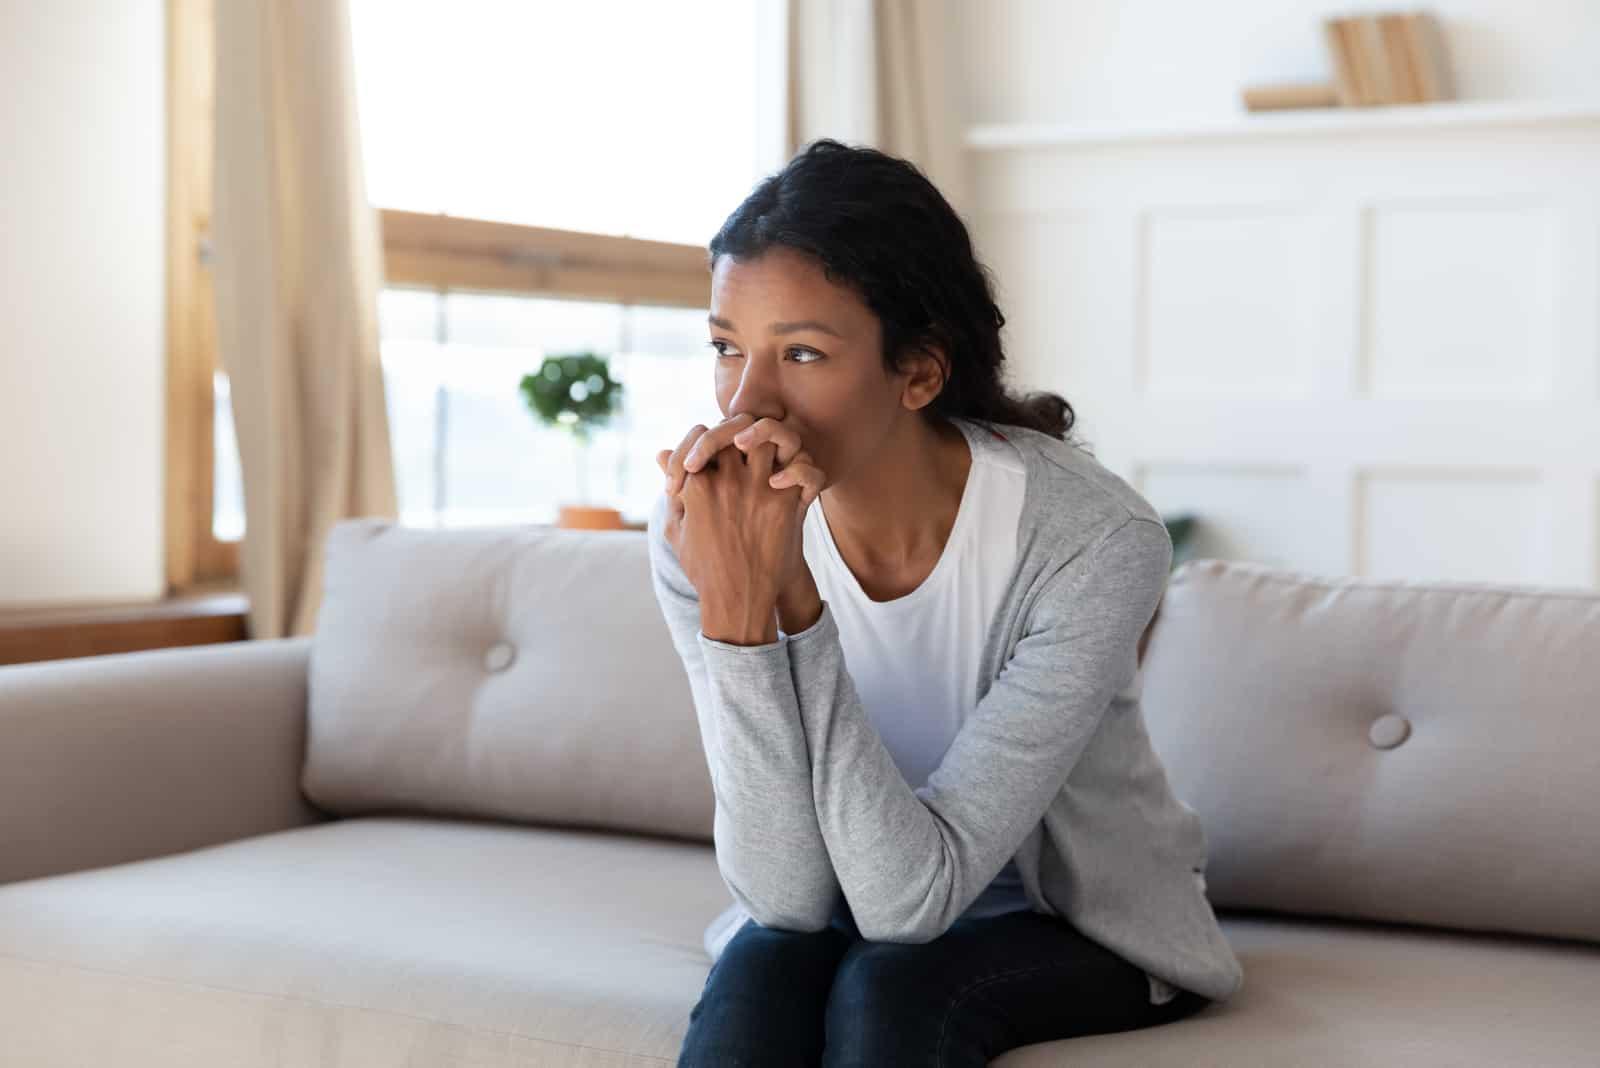 femme assise sur le canapé à la maison regarder à distance